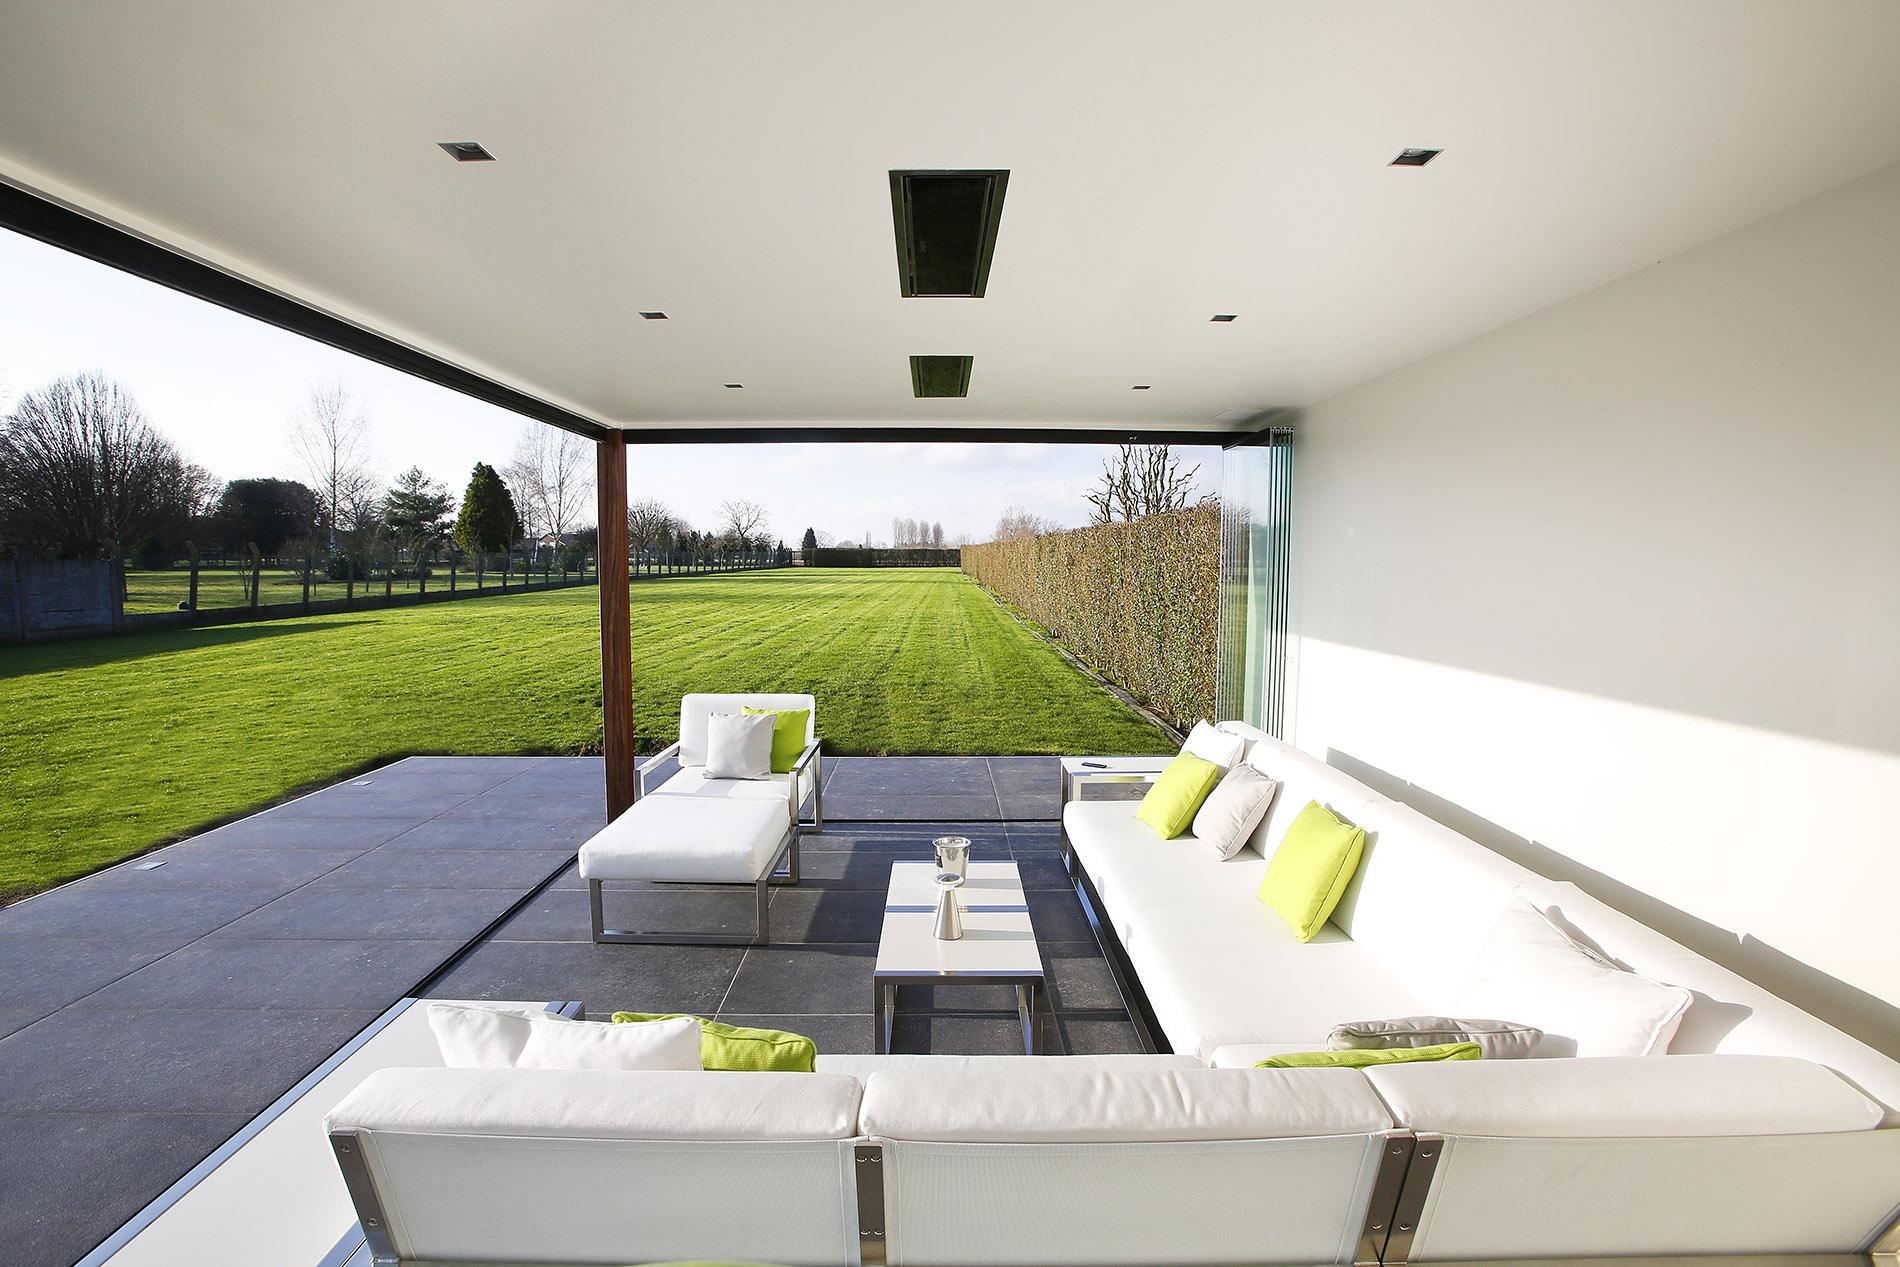 Emerald Outdoor Living - PLATINUM SMART-HEAT